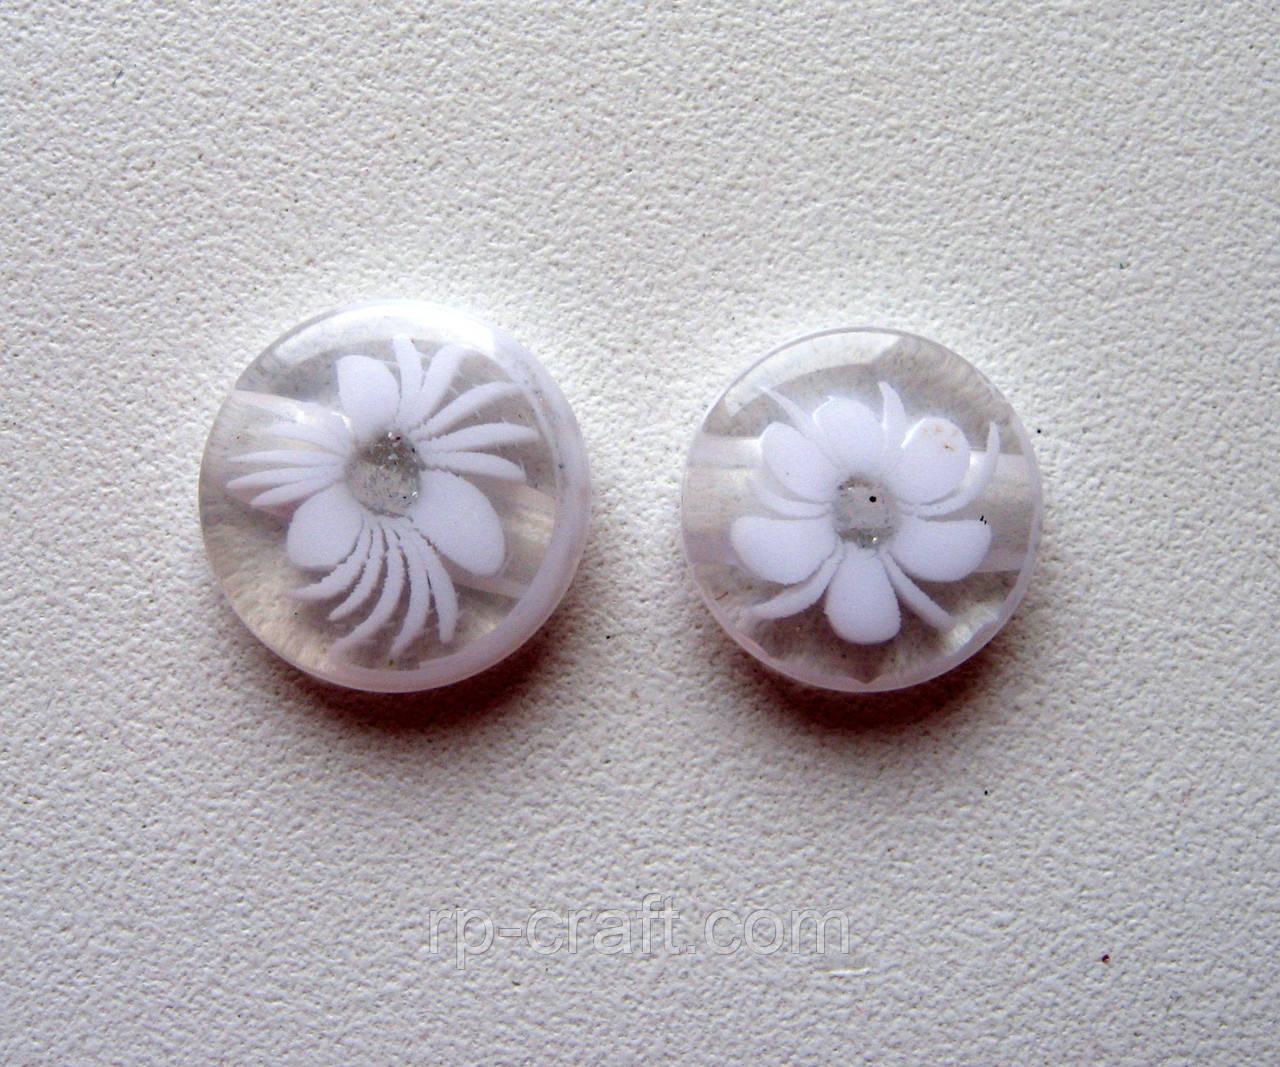 Пуговица пластиковая, декоративная, с цветком, 14 мм.